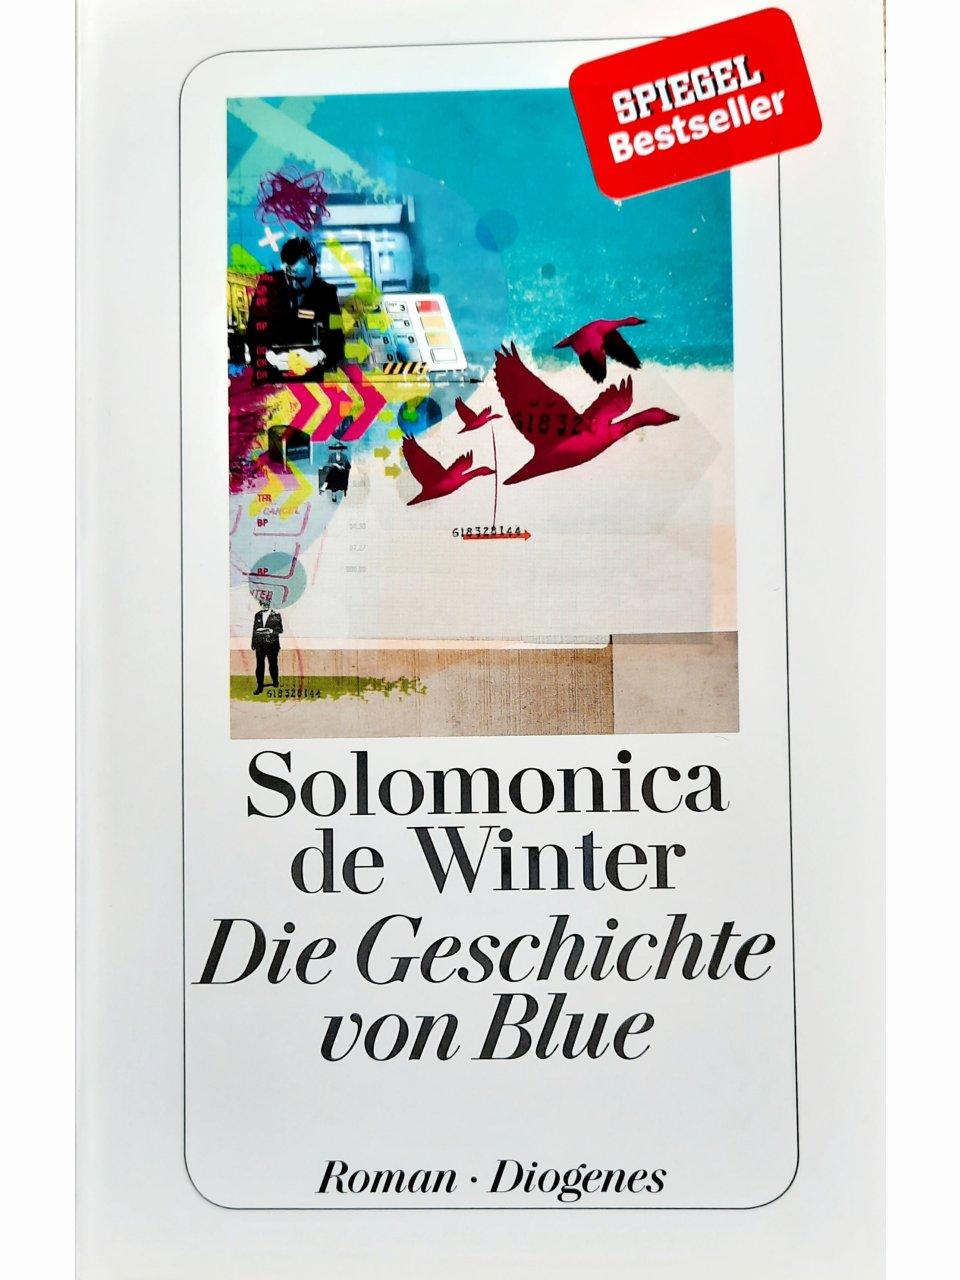 Die Geschichte von Blue